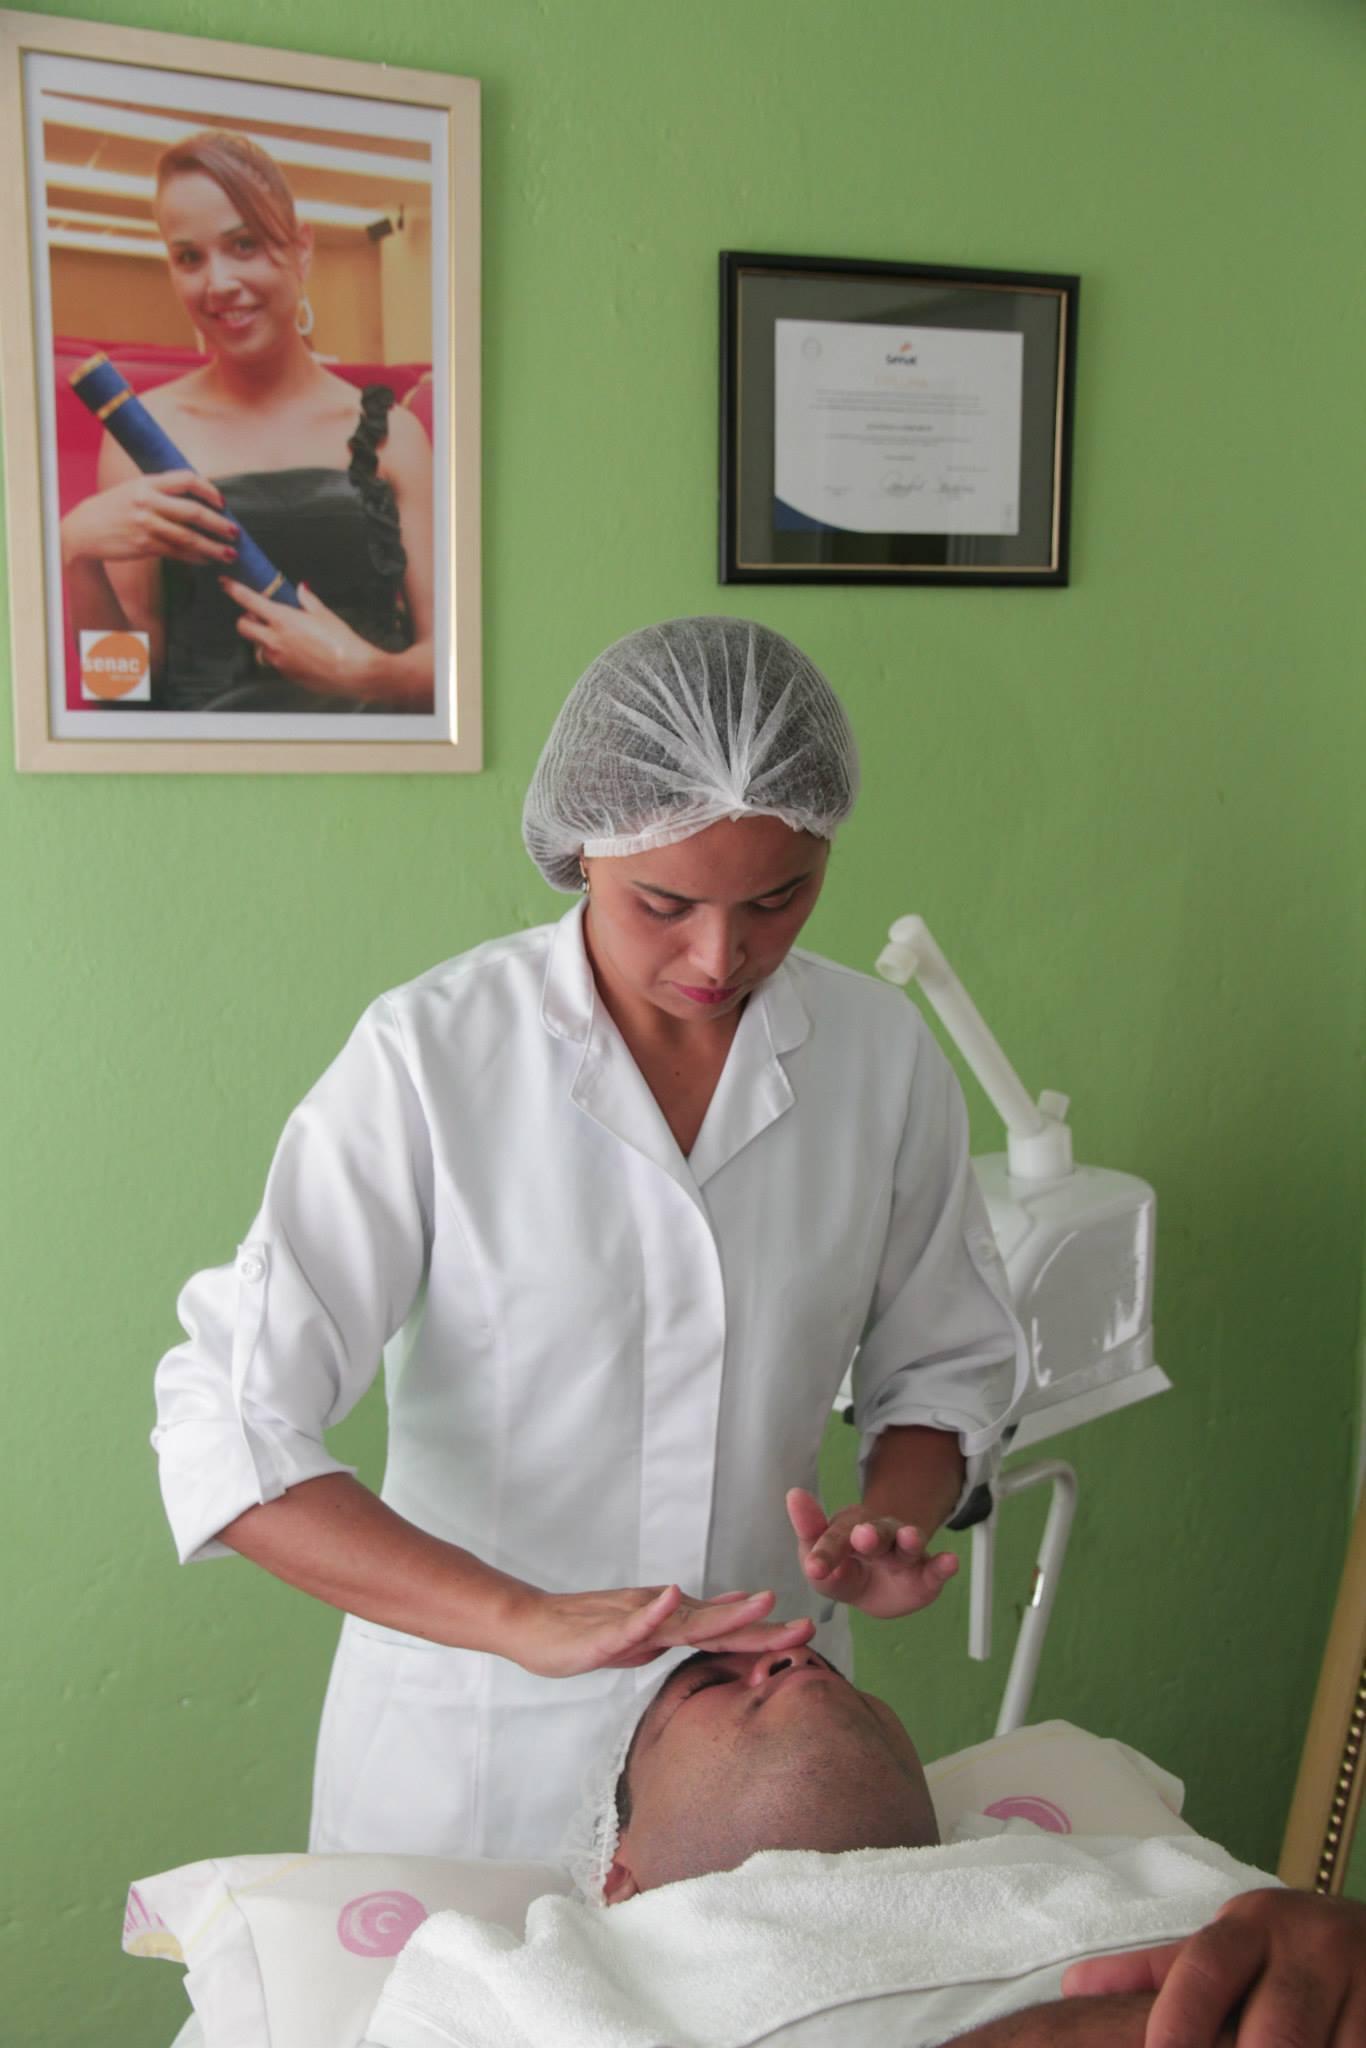 Atendimento em cabine Limpeza de pele esteticista recepcionista